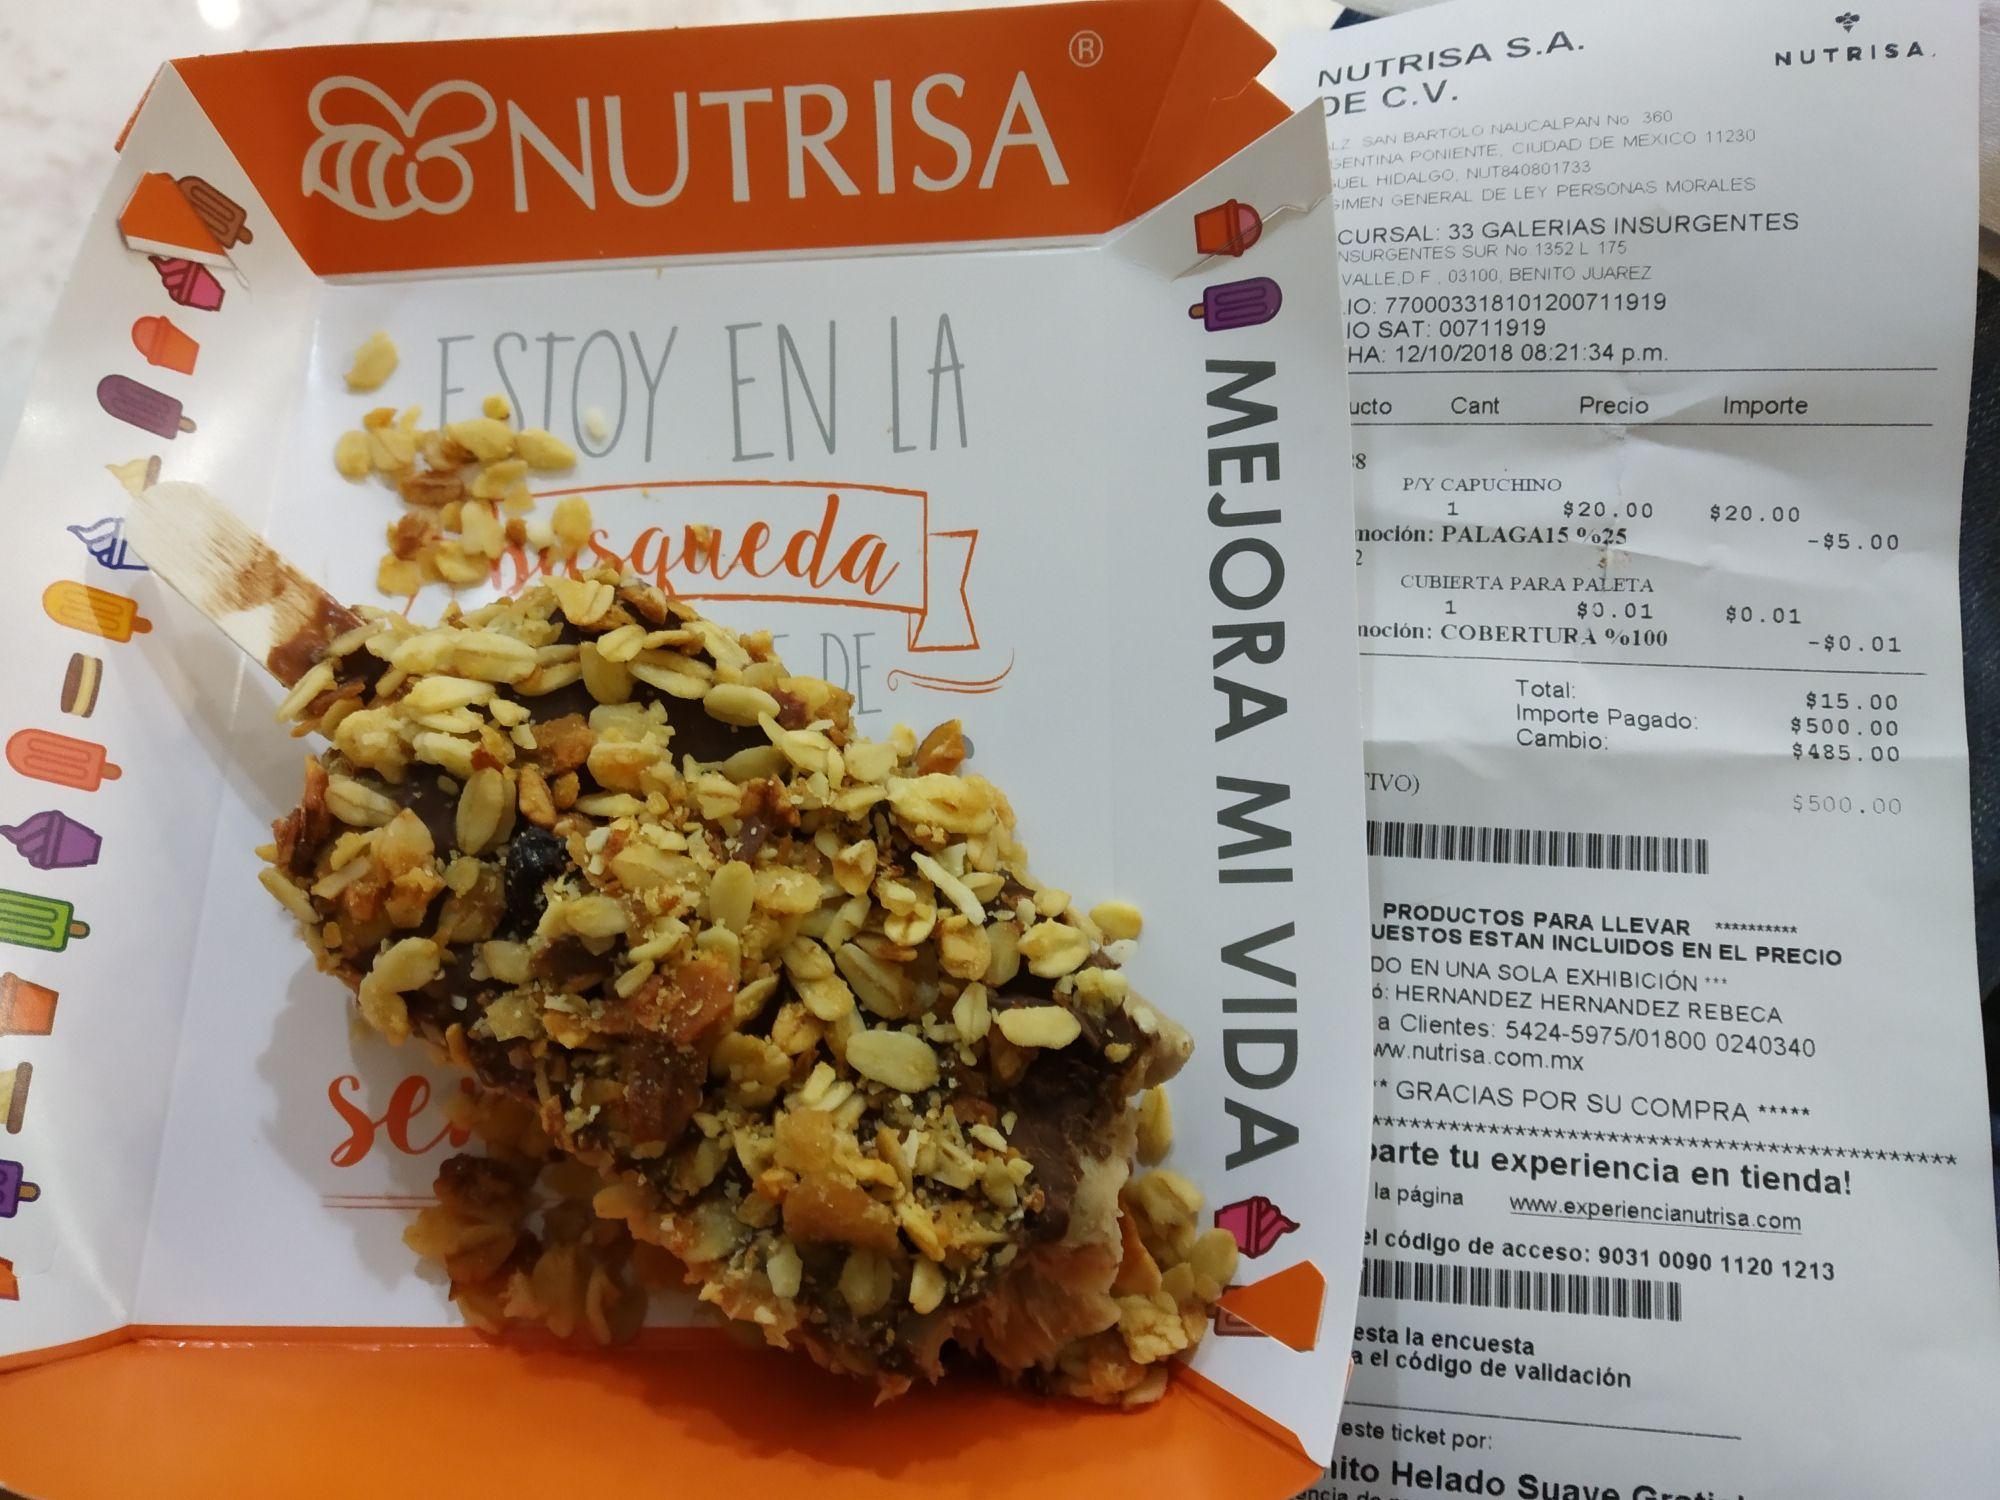 Nutrisa: 25% de descuento en paletas + cubierta de chocolate y cereal gratis